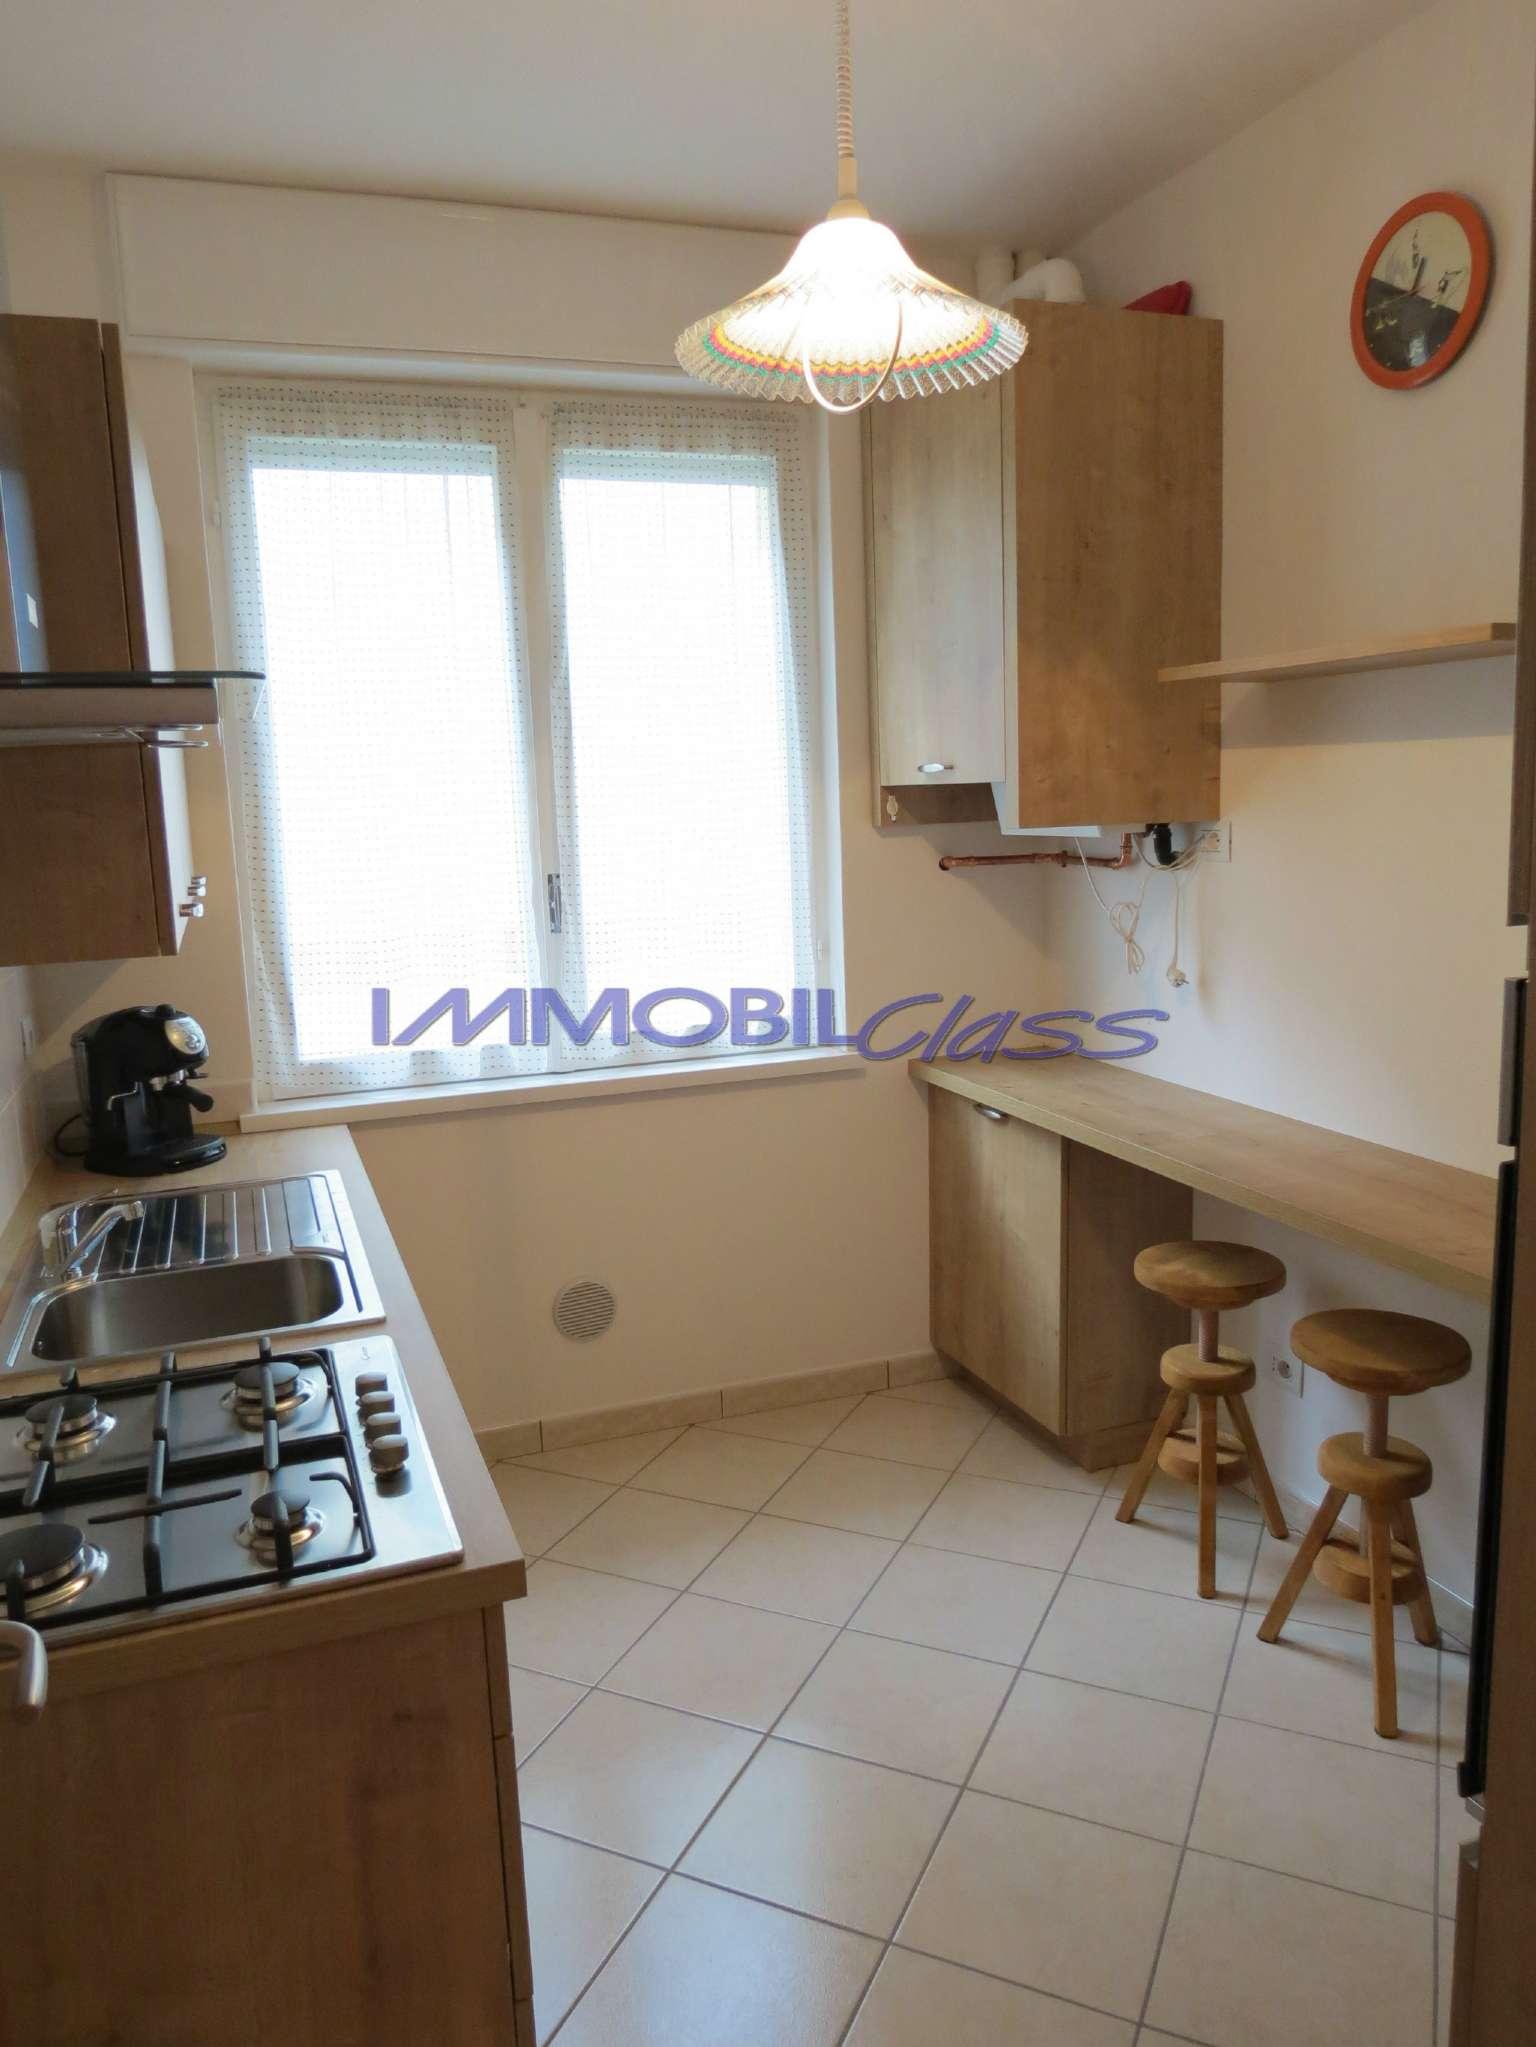 Appartamento in affitto a Laglio, 4 locali, prezzo € 700 | CambioCasa.it